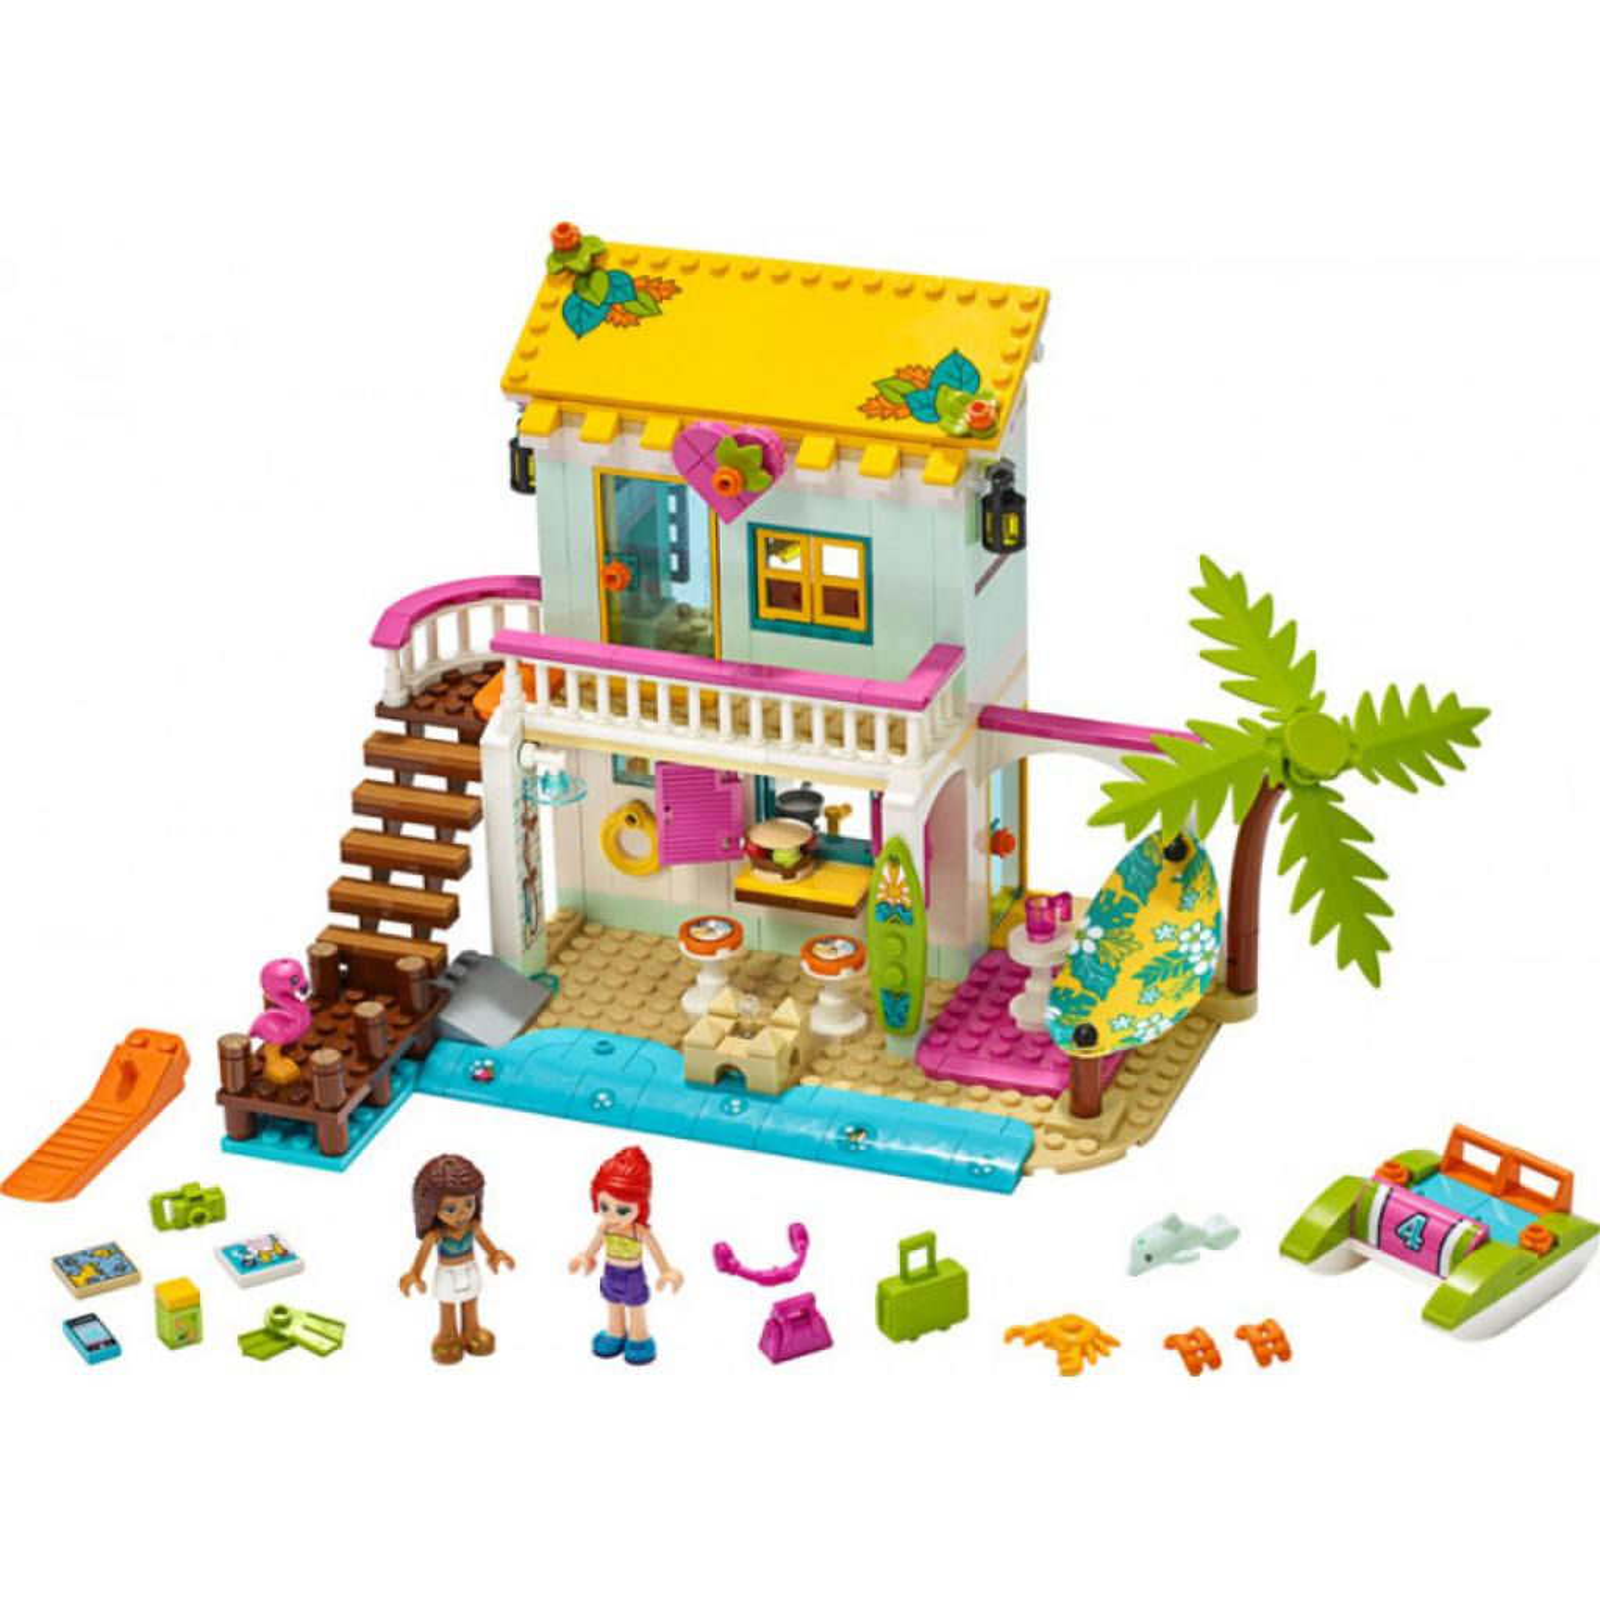 Конструктор LEGO Friends Пляжный домик 444 детали (41428) изображение 5